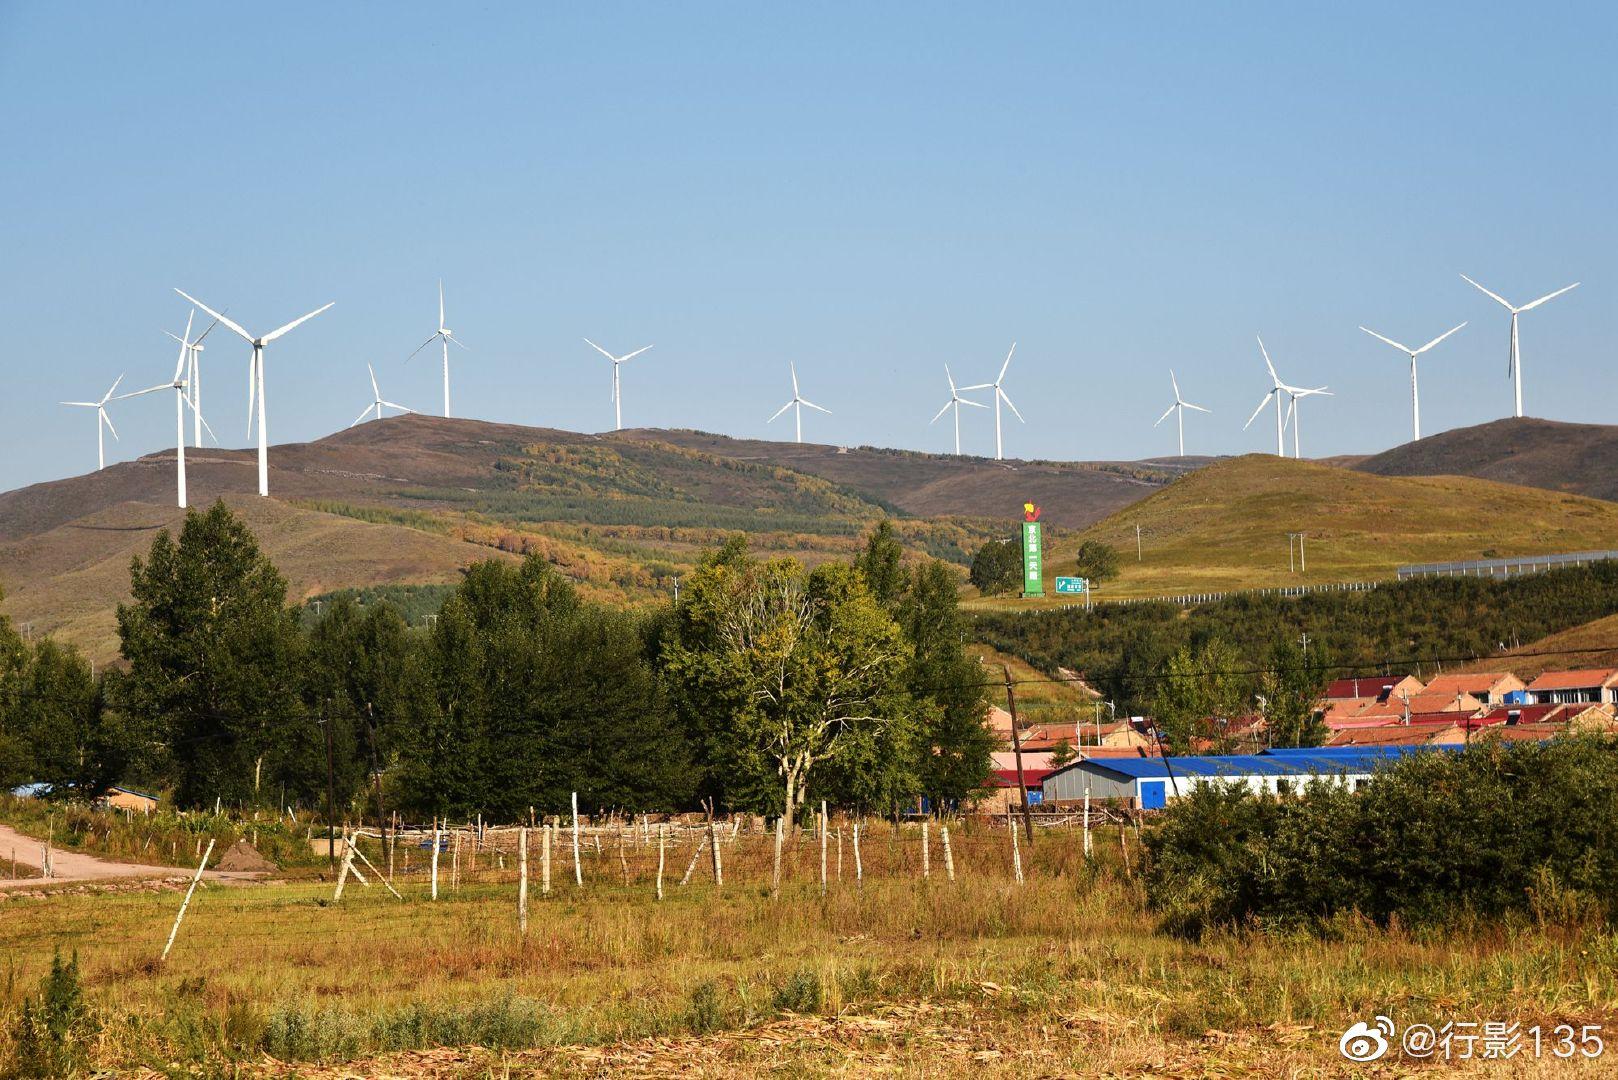 承德丰宁京北第一天路,林立的风车,成群的牛马,辽阔的草原